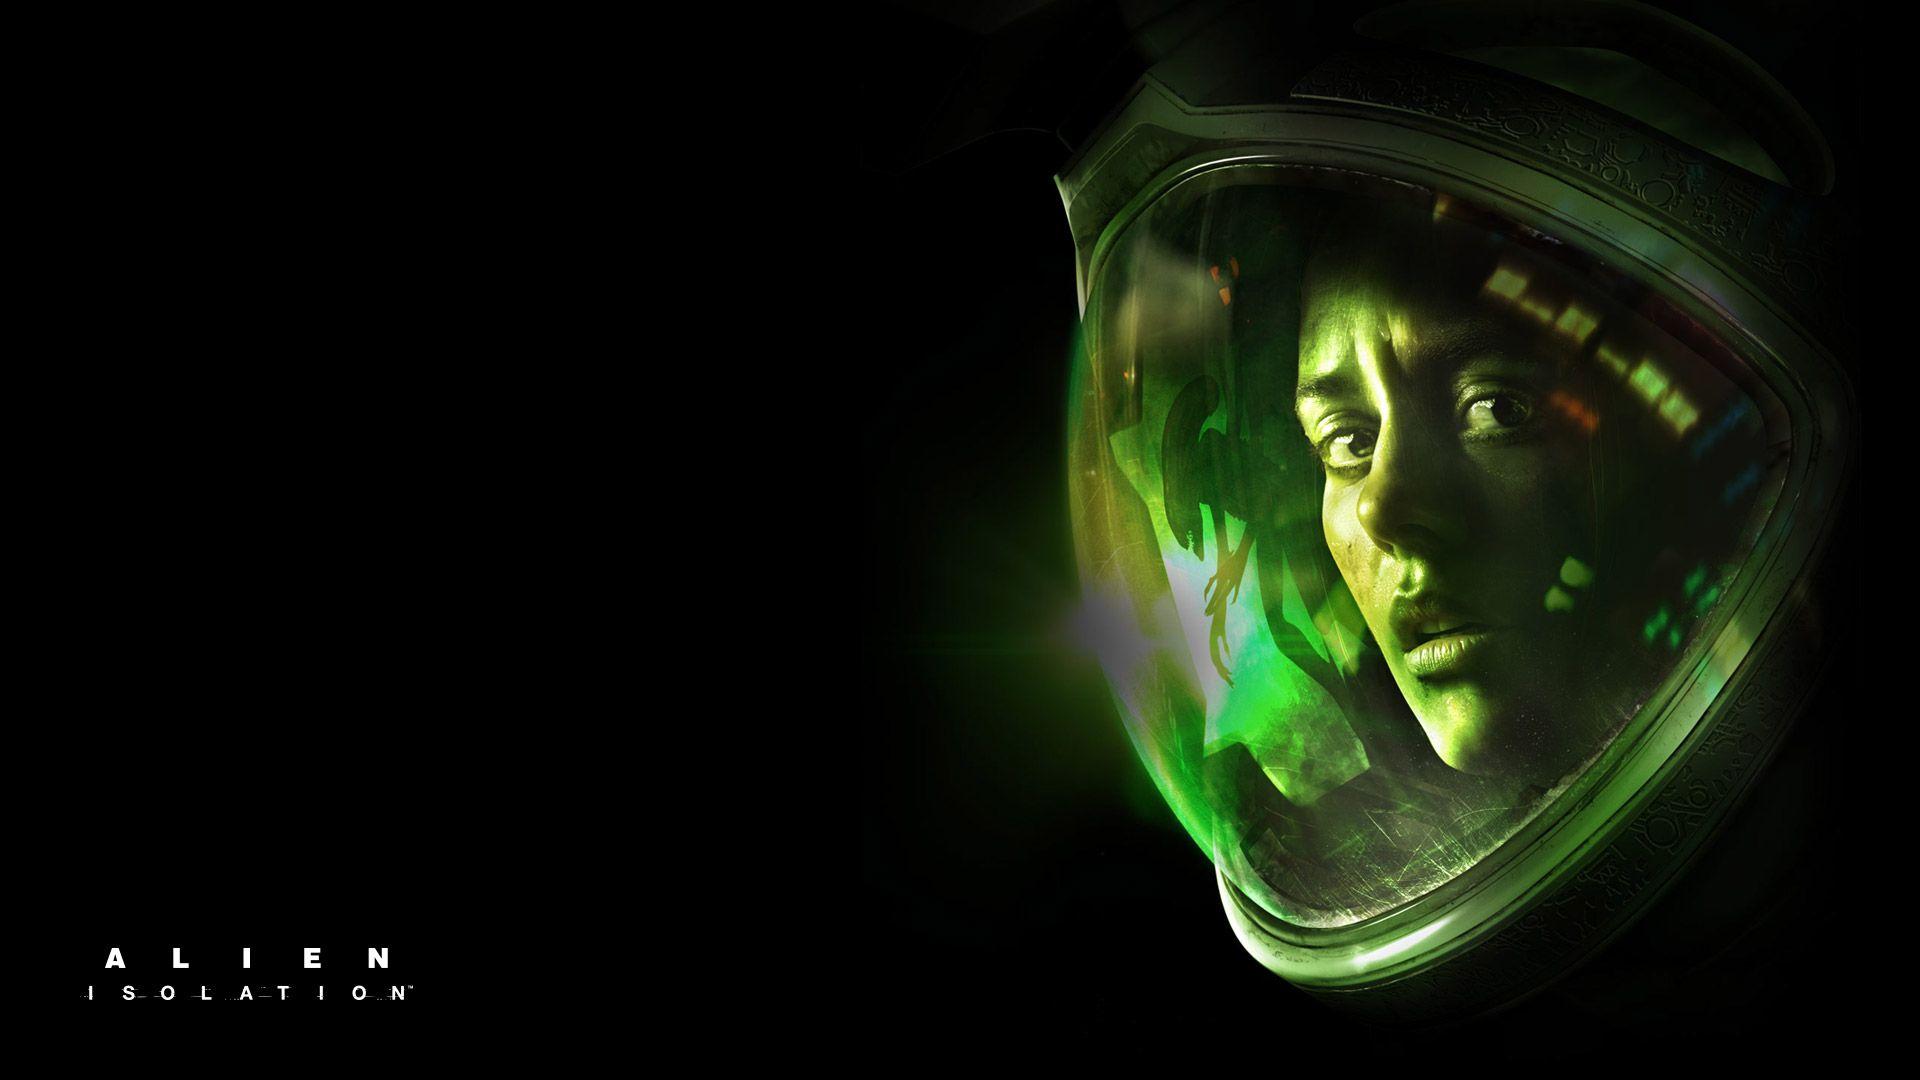 Amandaripley Alienisolation Siguenos En Twitter Https Twitter Com Ts Videojuegos Y En Www Todosobrevid Alien Isolation Alien Isolation Game Alien Pictures